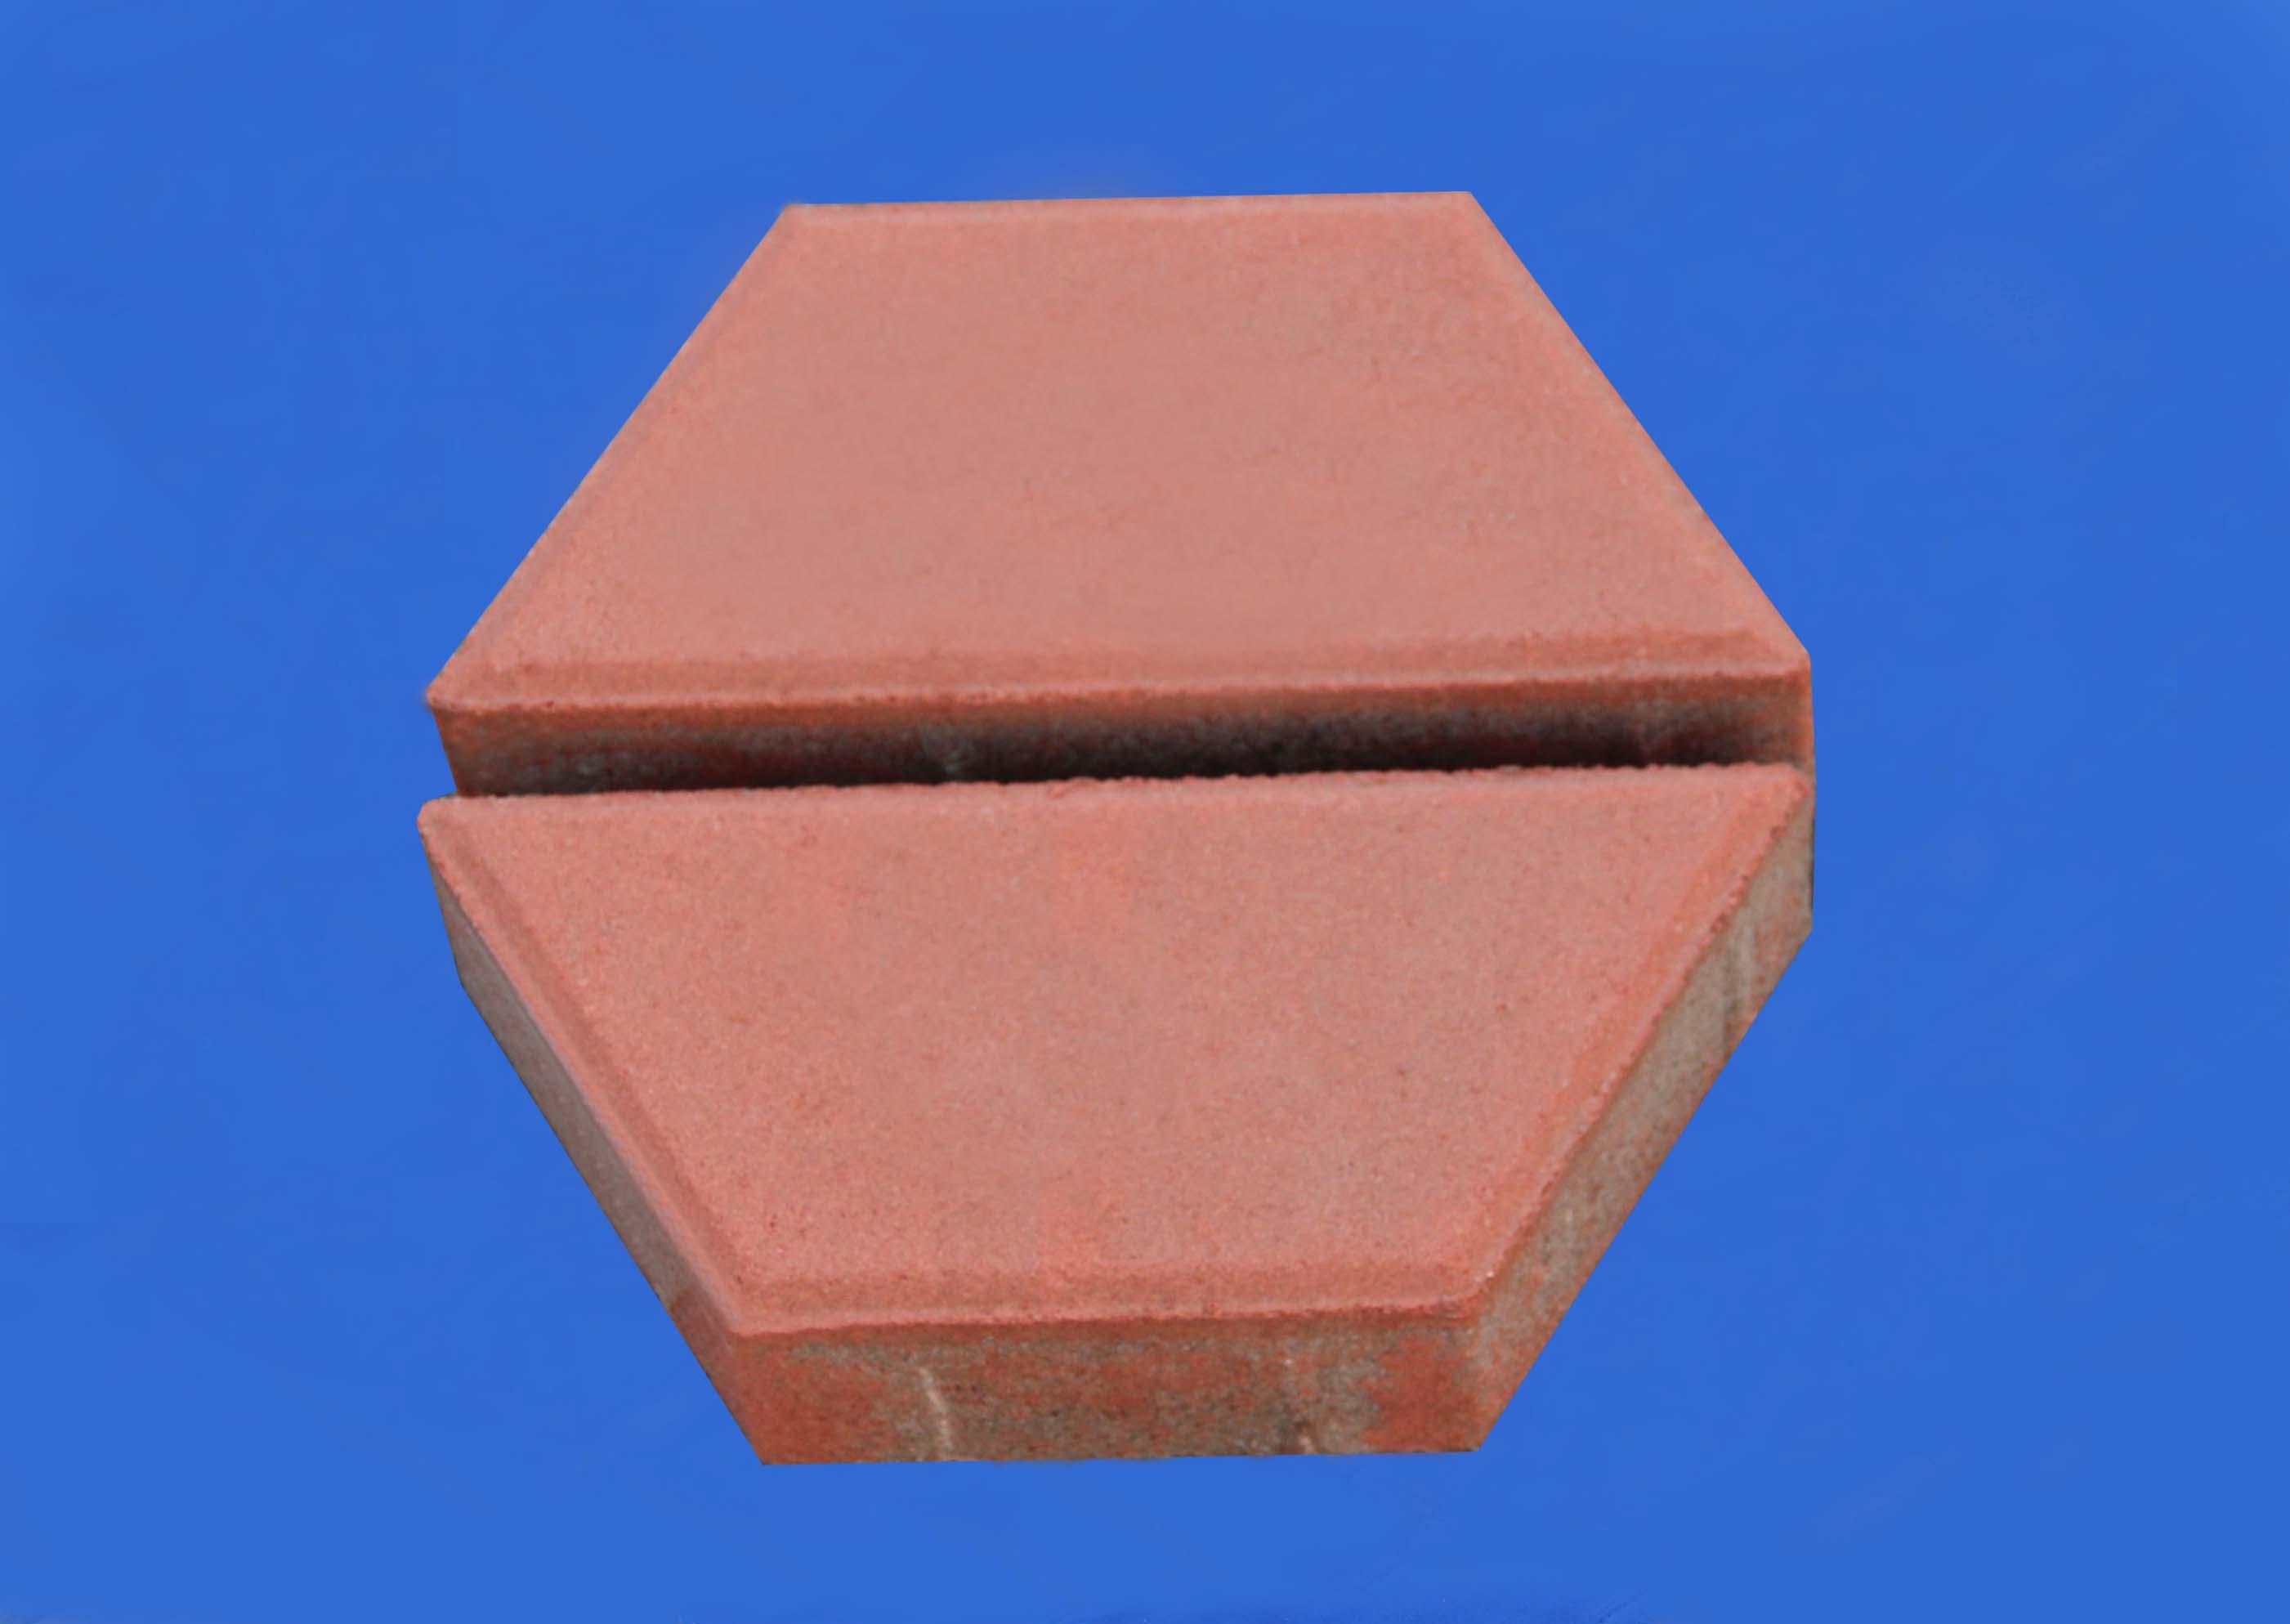 彩色地砖系列之通道梯形砖